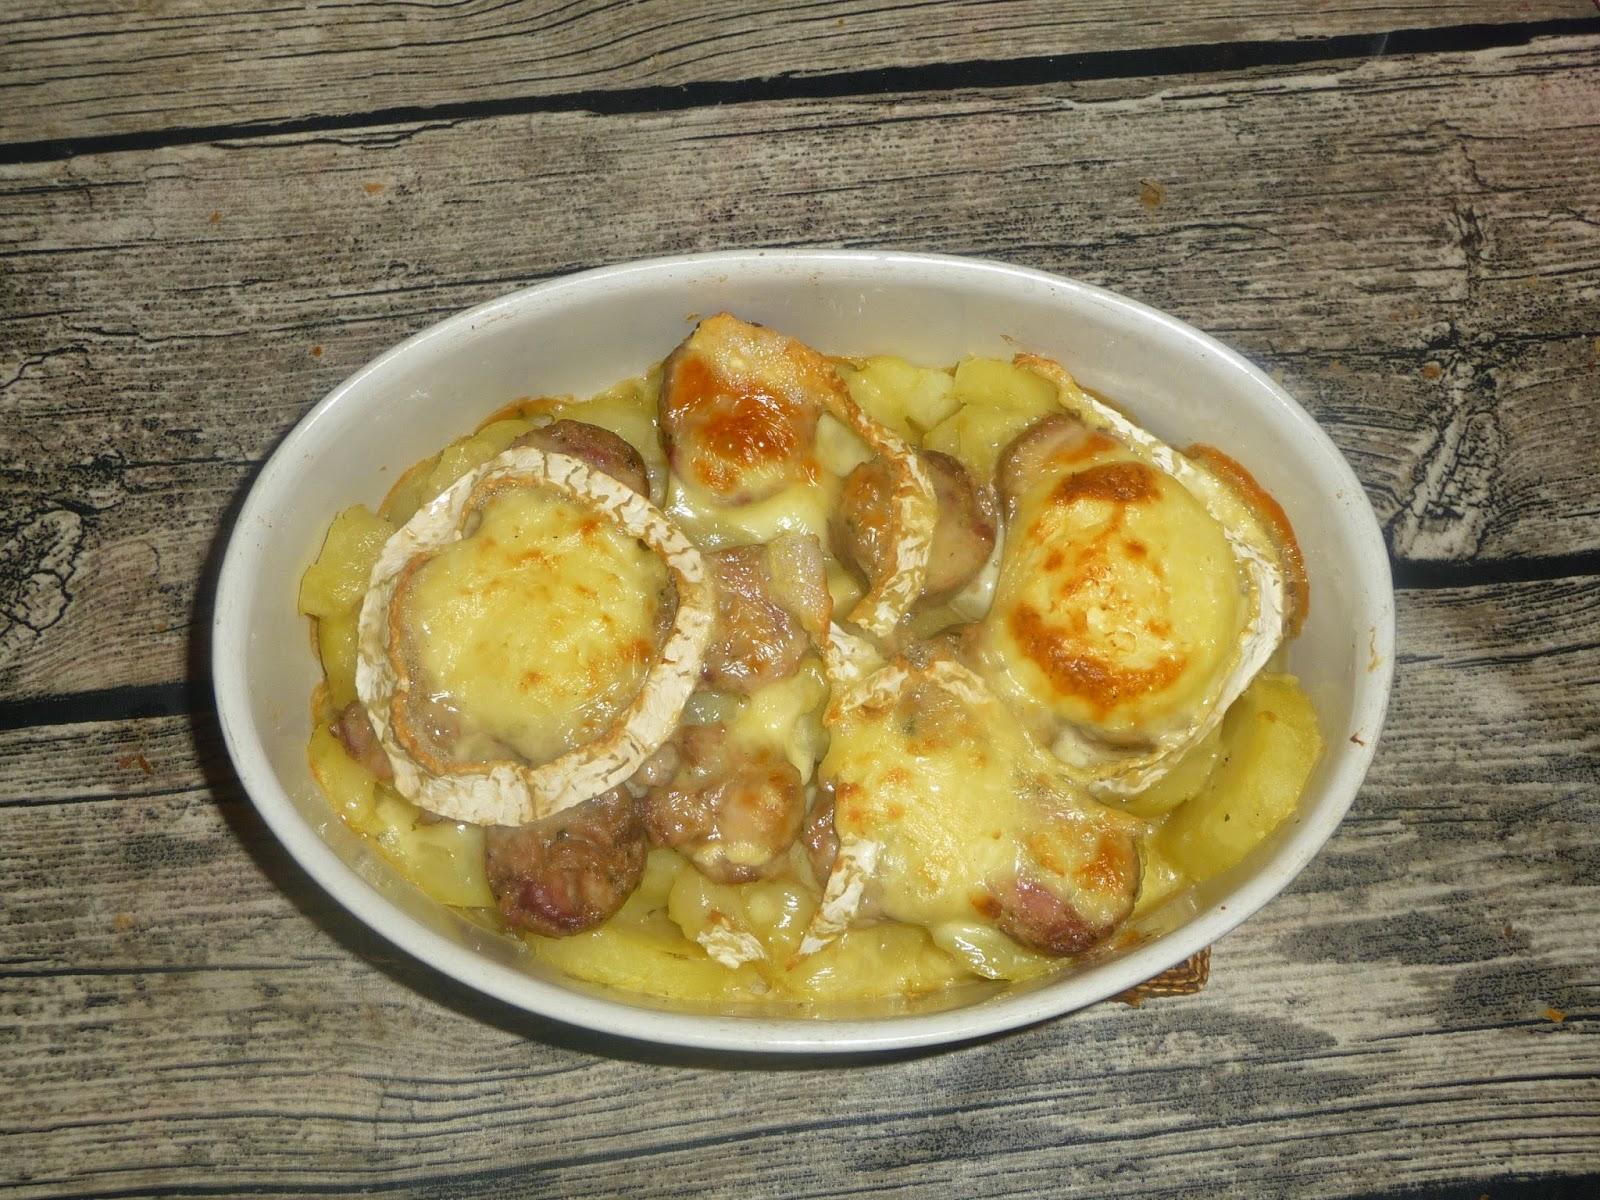 Cuill re aiguille et scie sauteuse gratin troyen andouillette pomme de terre chaource - Accompagnement andouillette grillee ...